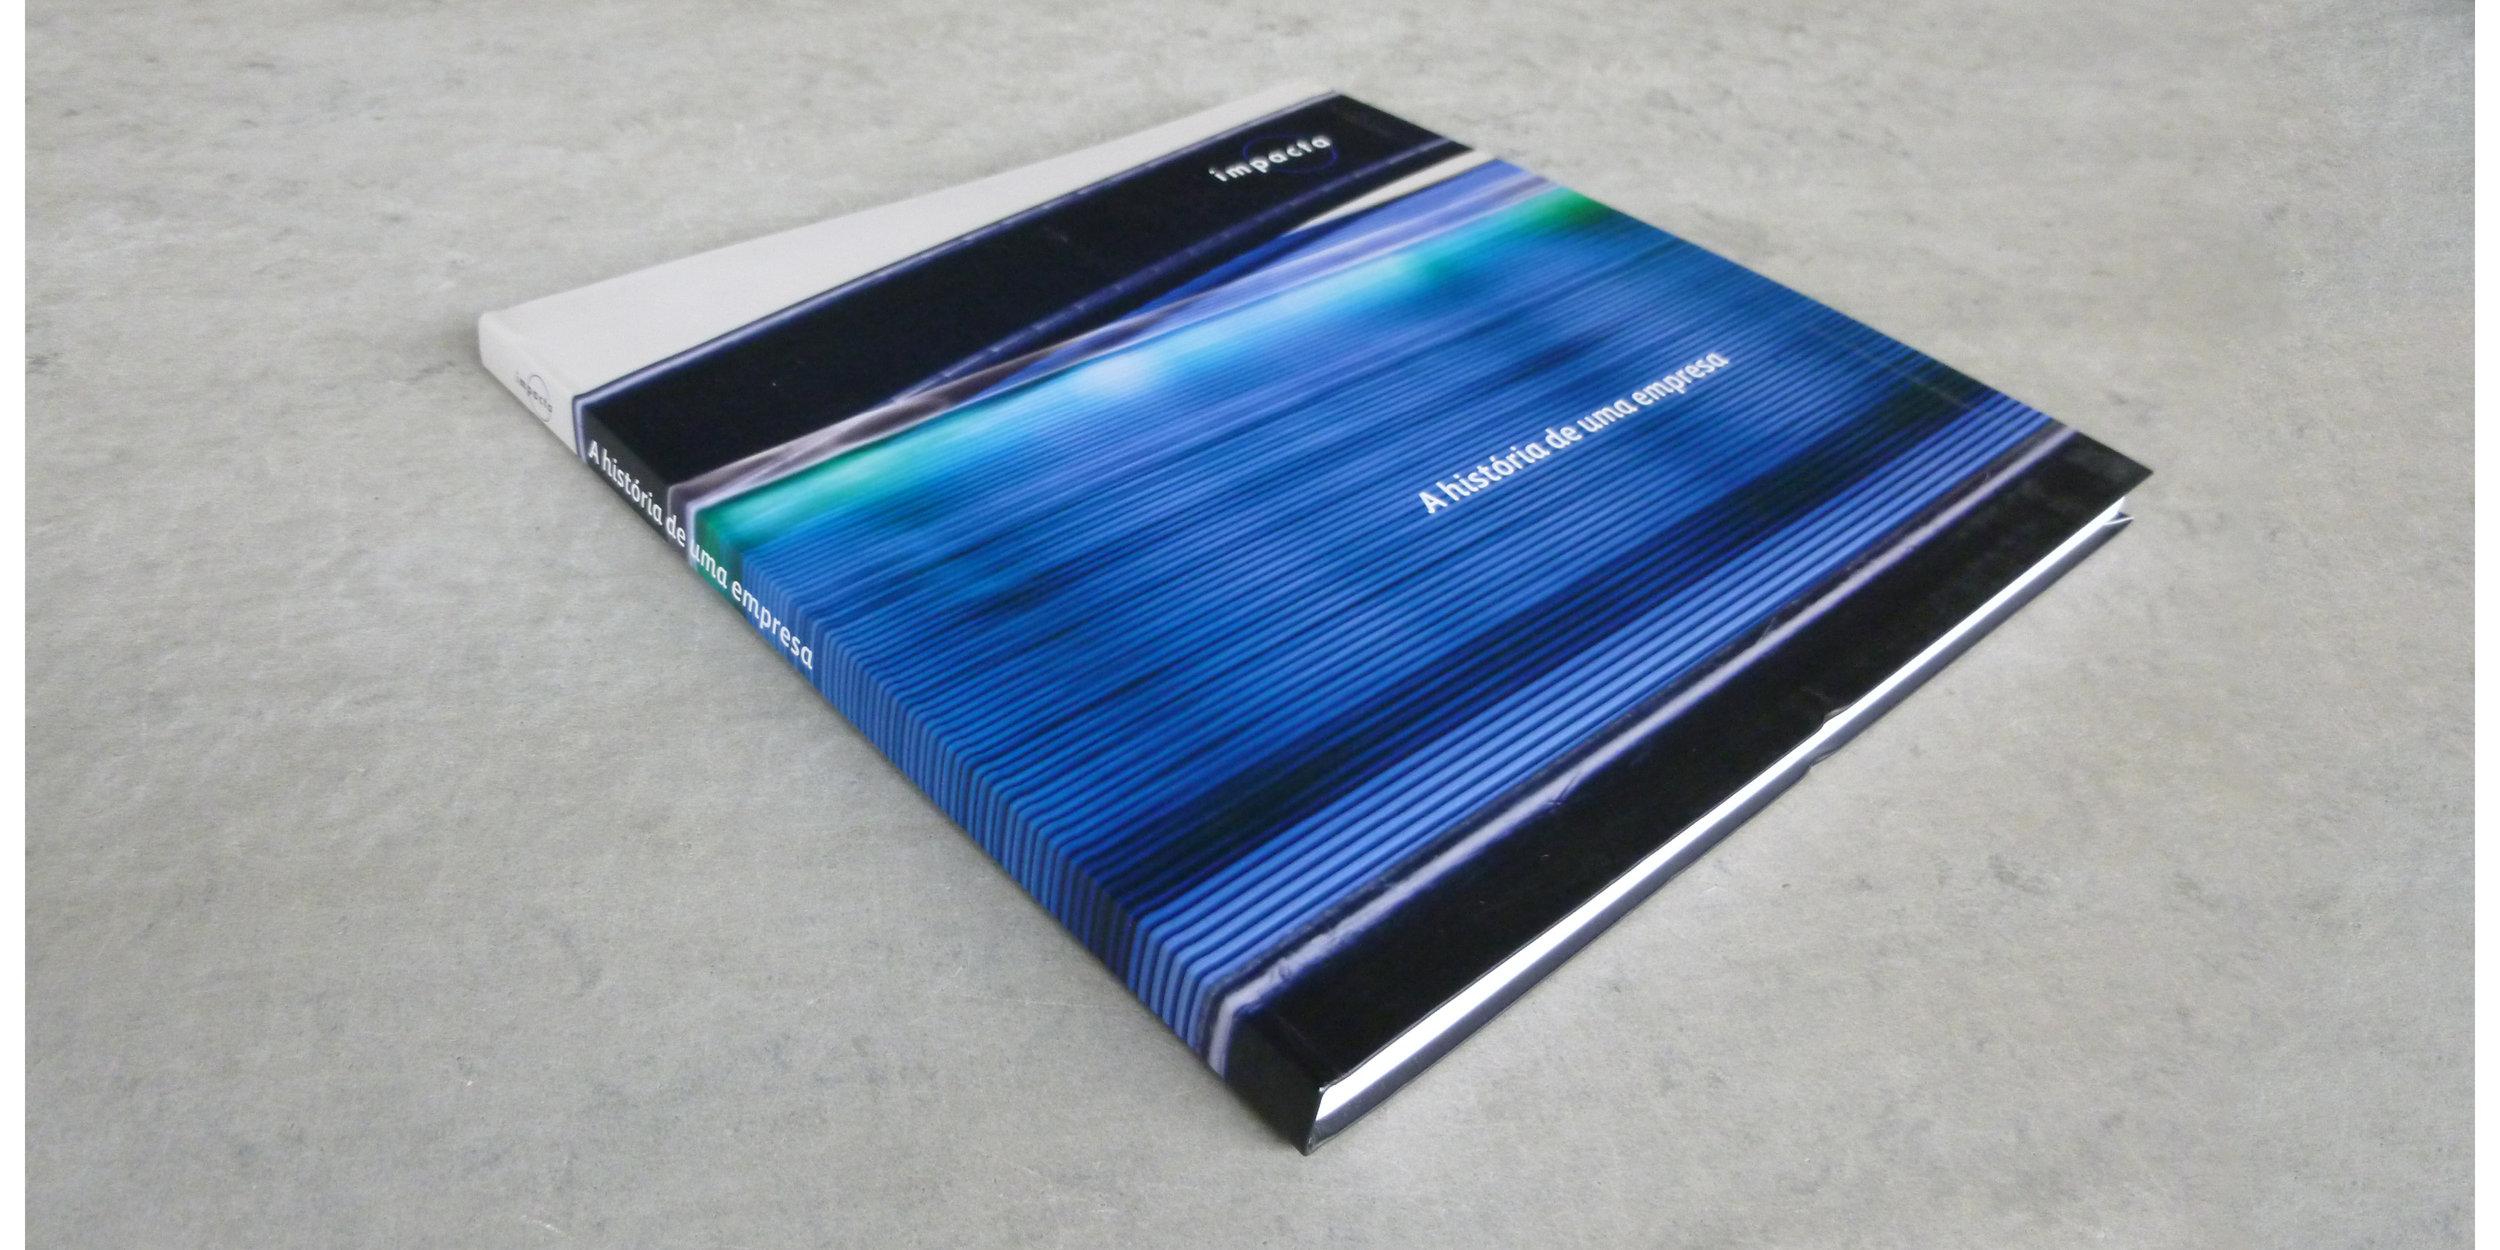 carrossel_jornais,livros,revistas-8.jpg